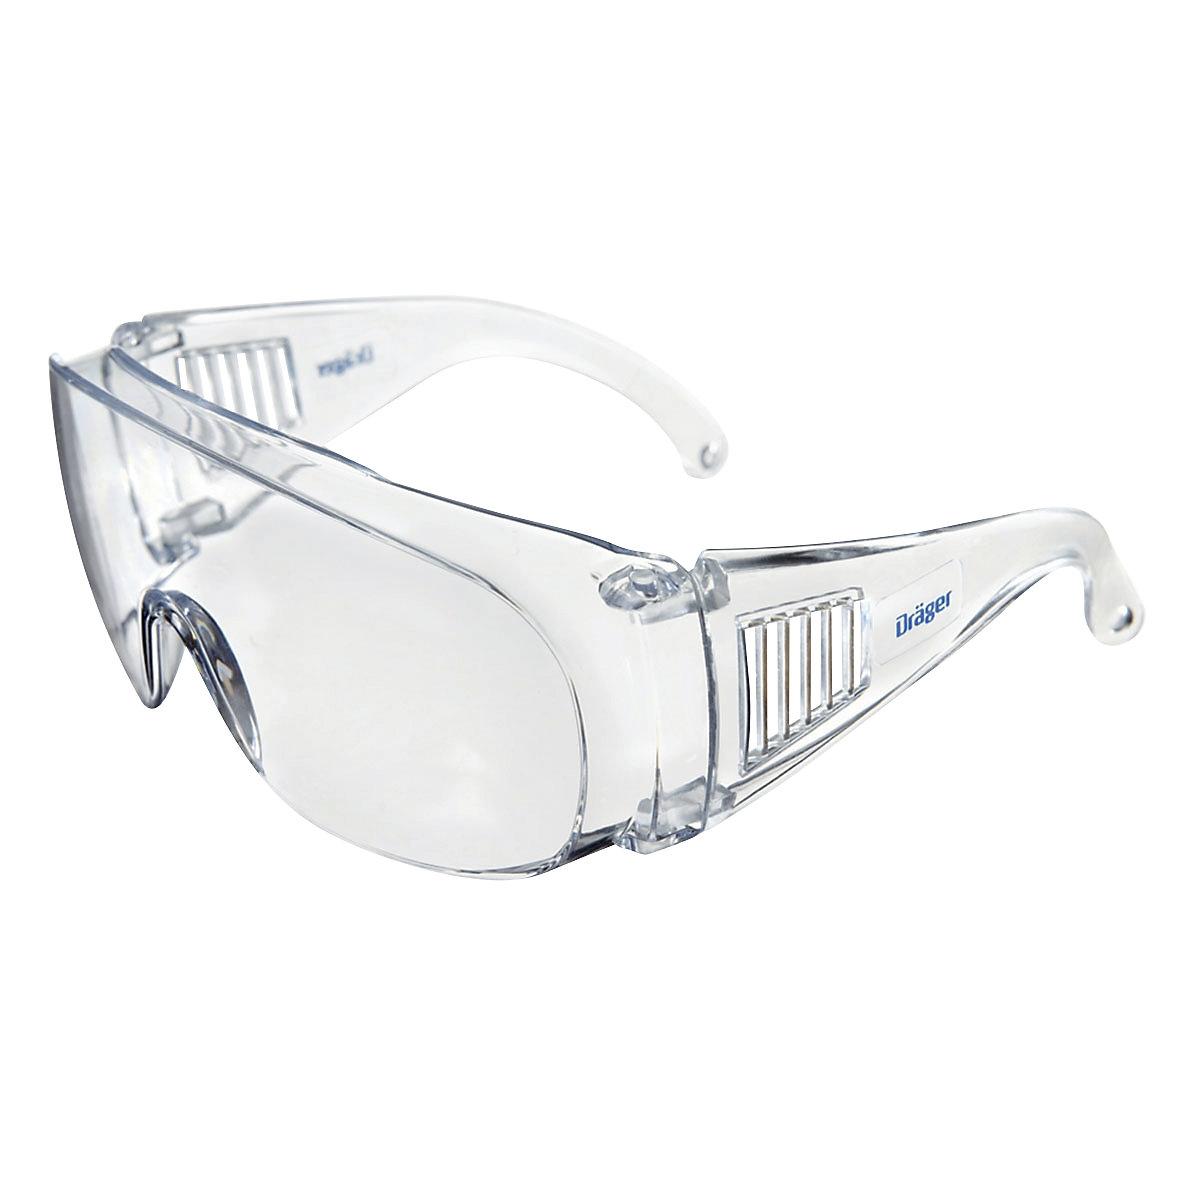 Látásjavító masszírozó szemüveg - Olcsó kereső, Szemüveg látás házhozszállítás